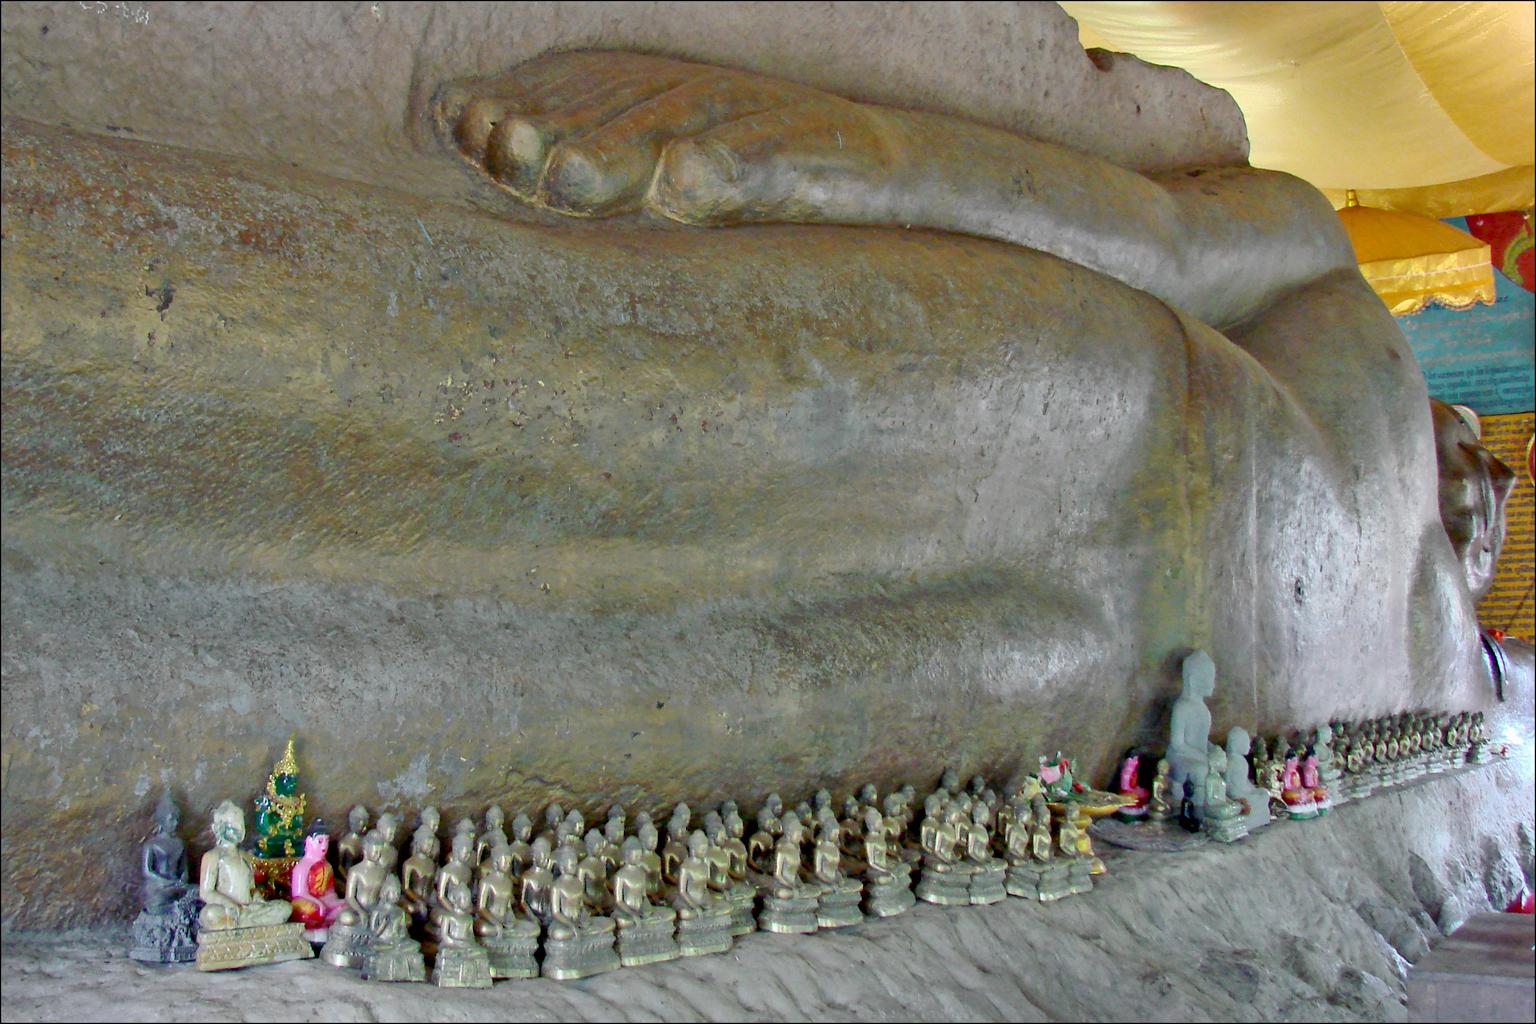 Le Bouddha couché (Phnom Kulen) | Le Phnom Kulen est la mont ...